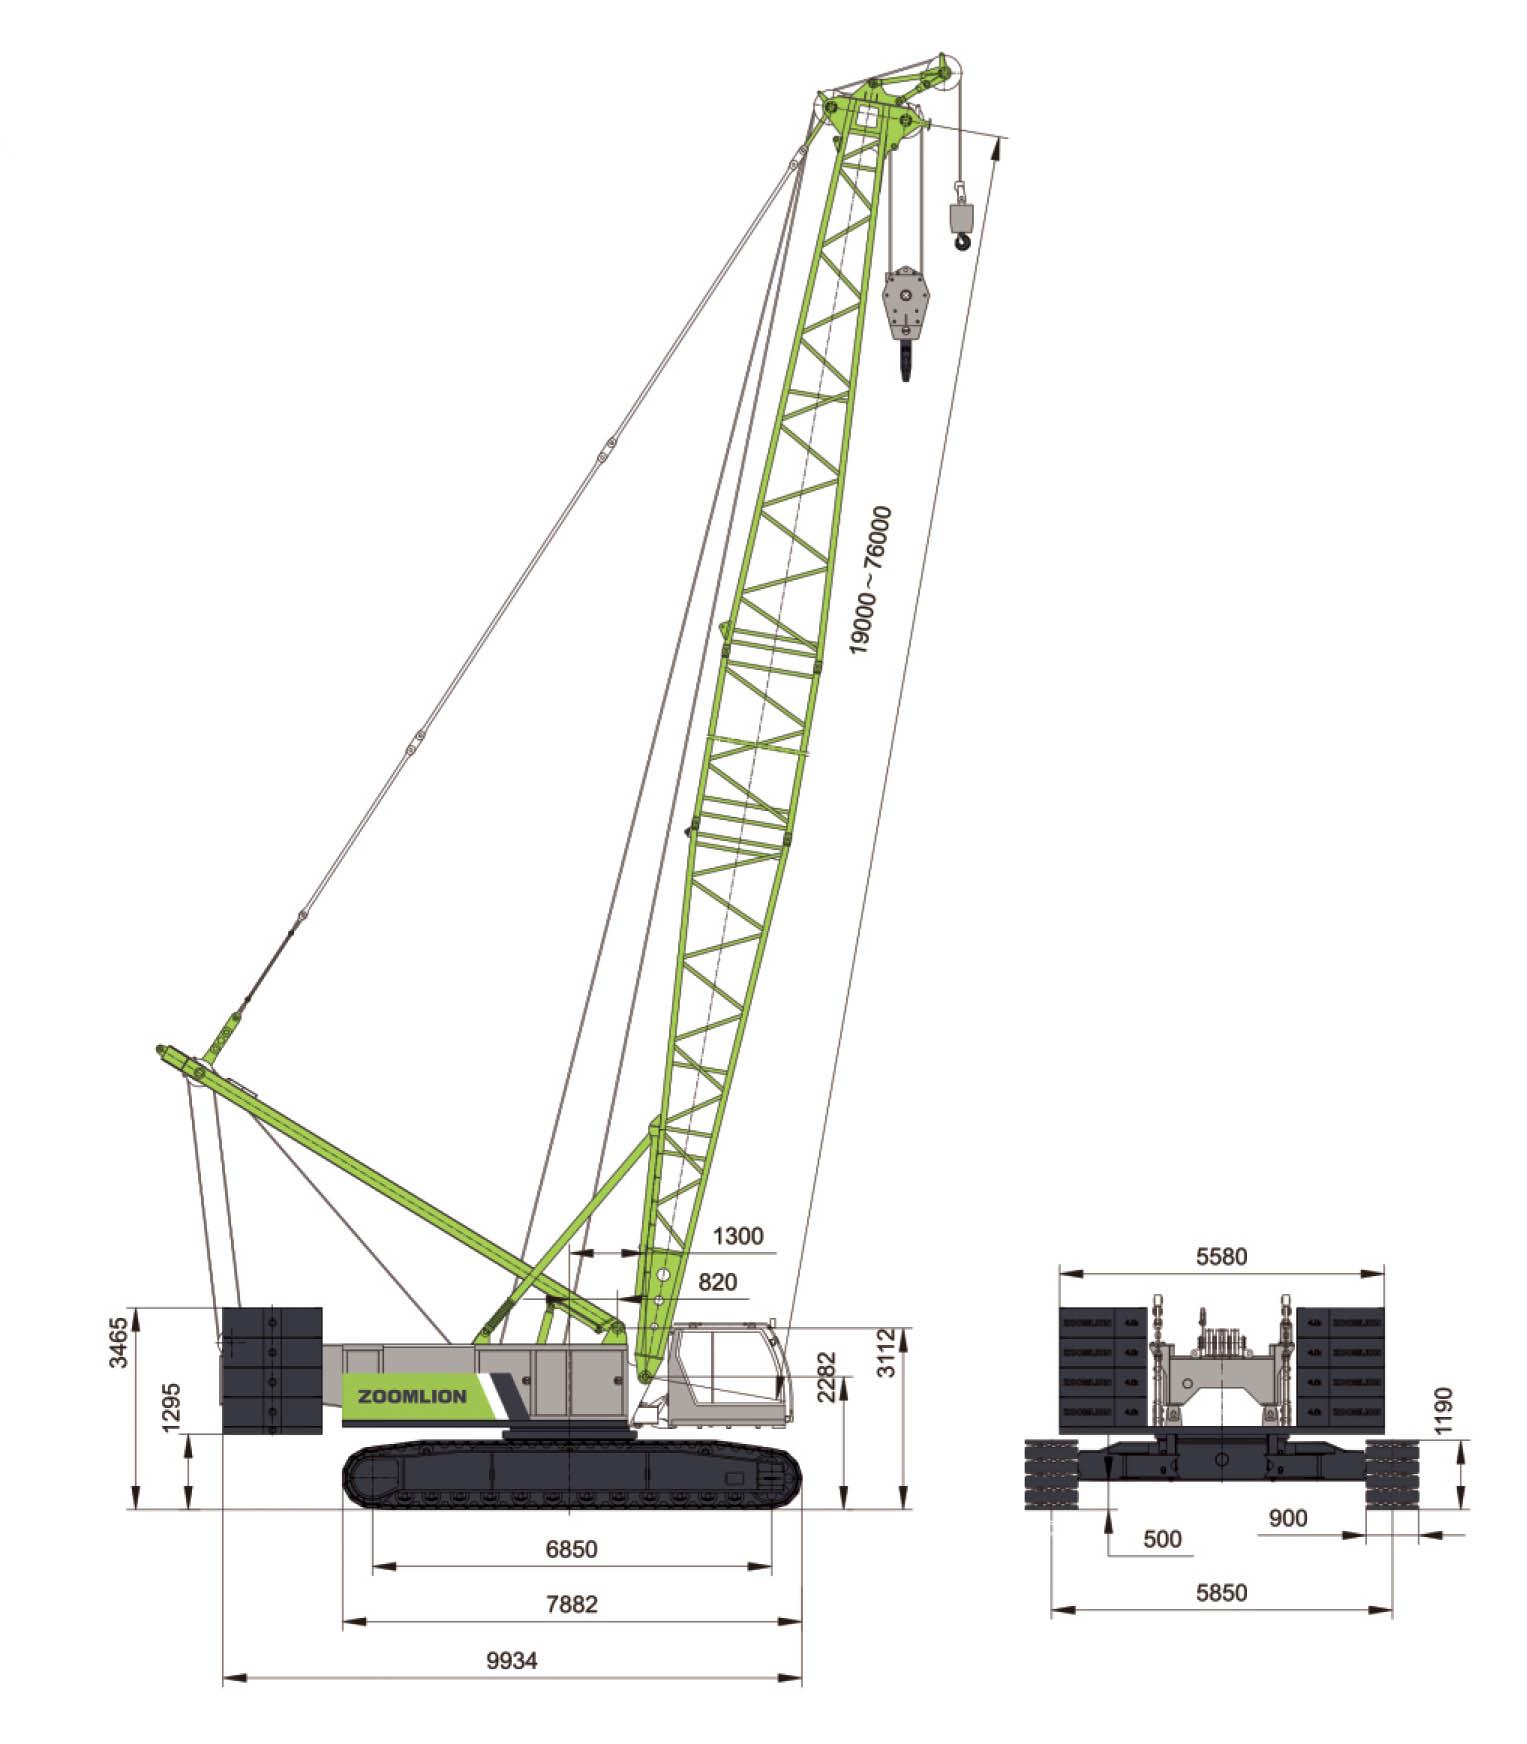 Размеры гусеничного крана ZCC1300 Zoomlion